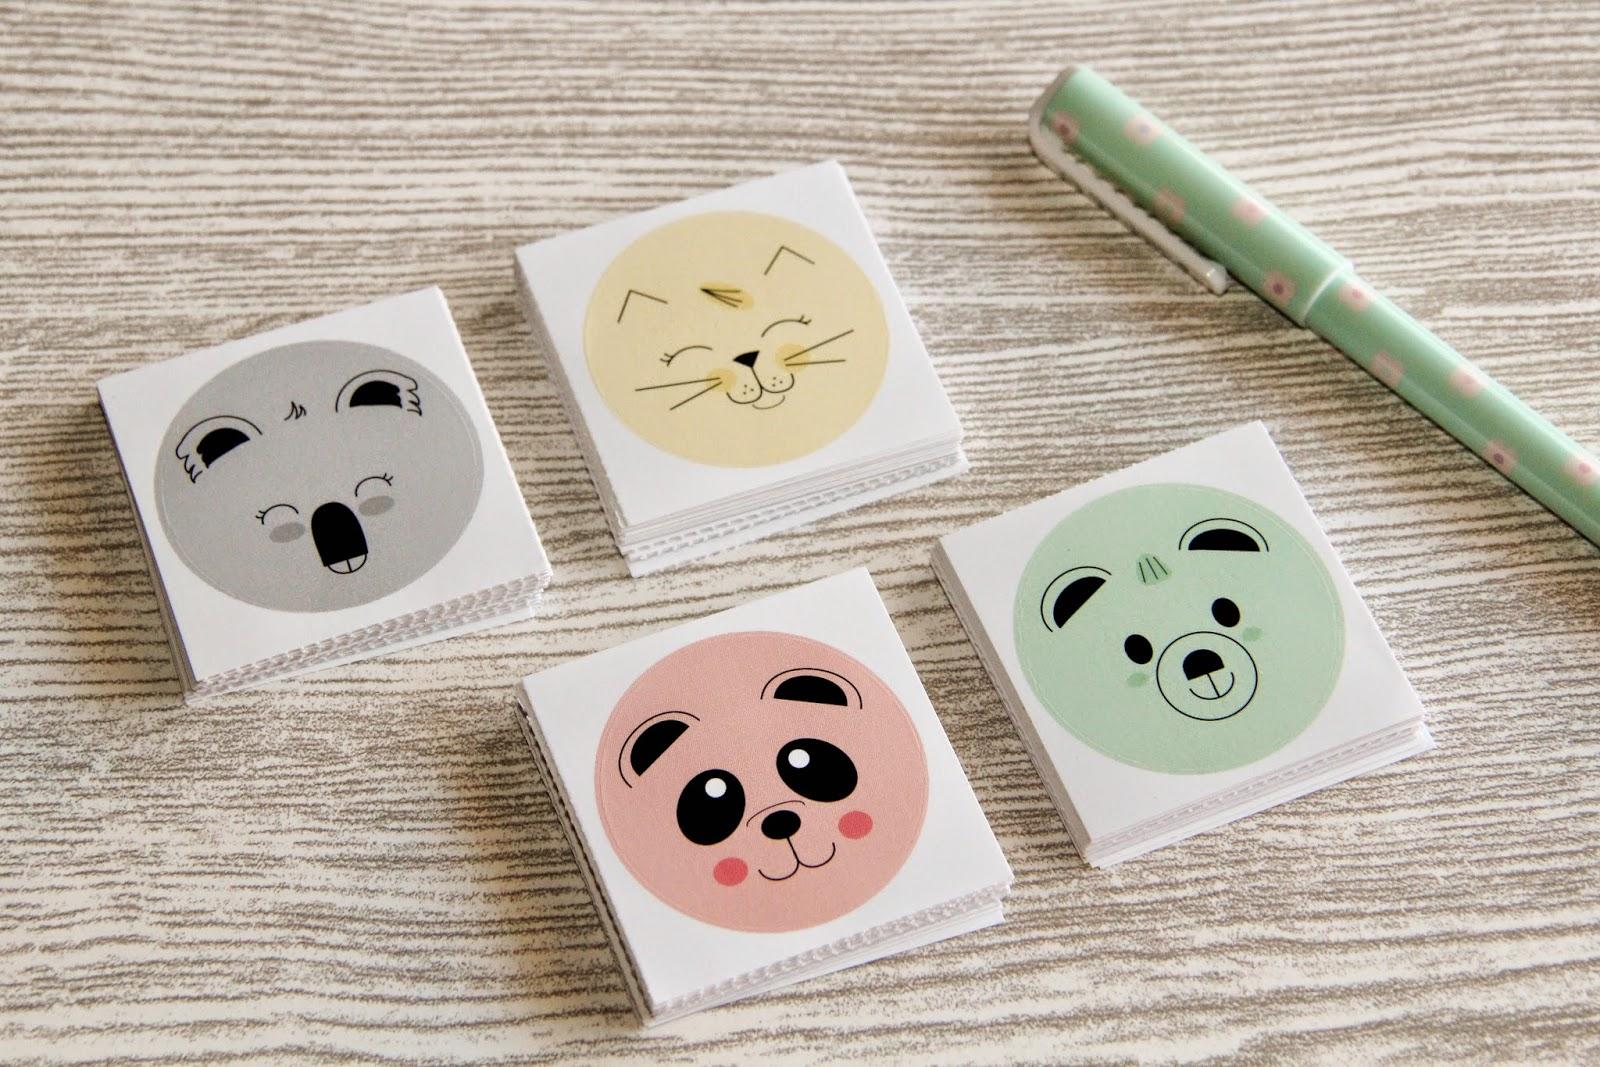 My acoustic journal ilustraciones craft y bebes pegatinas bonitas stickers ilustraciones - Pegatinas para decorar ...